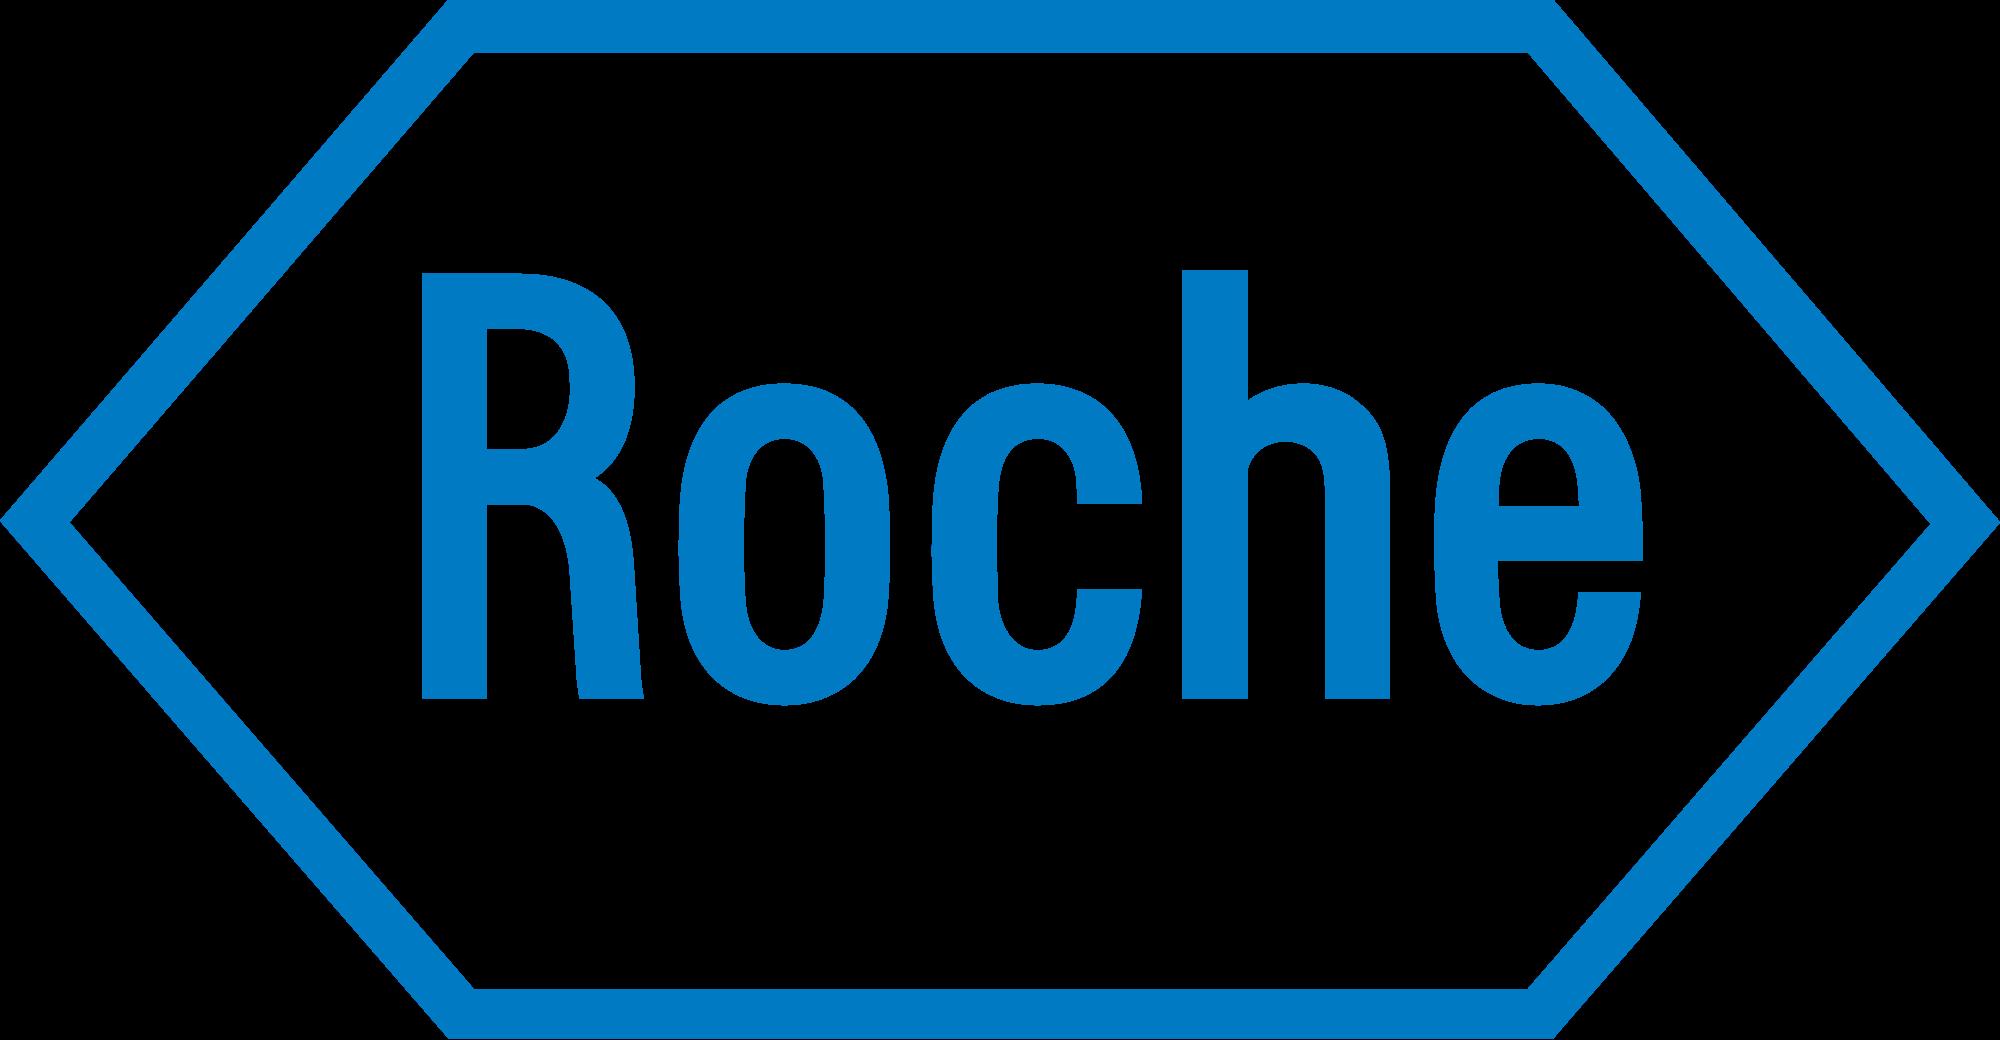 ROCHE DIAGNOSTICS S.L